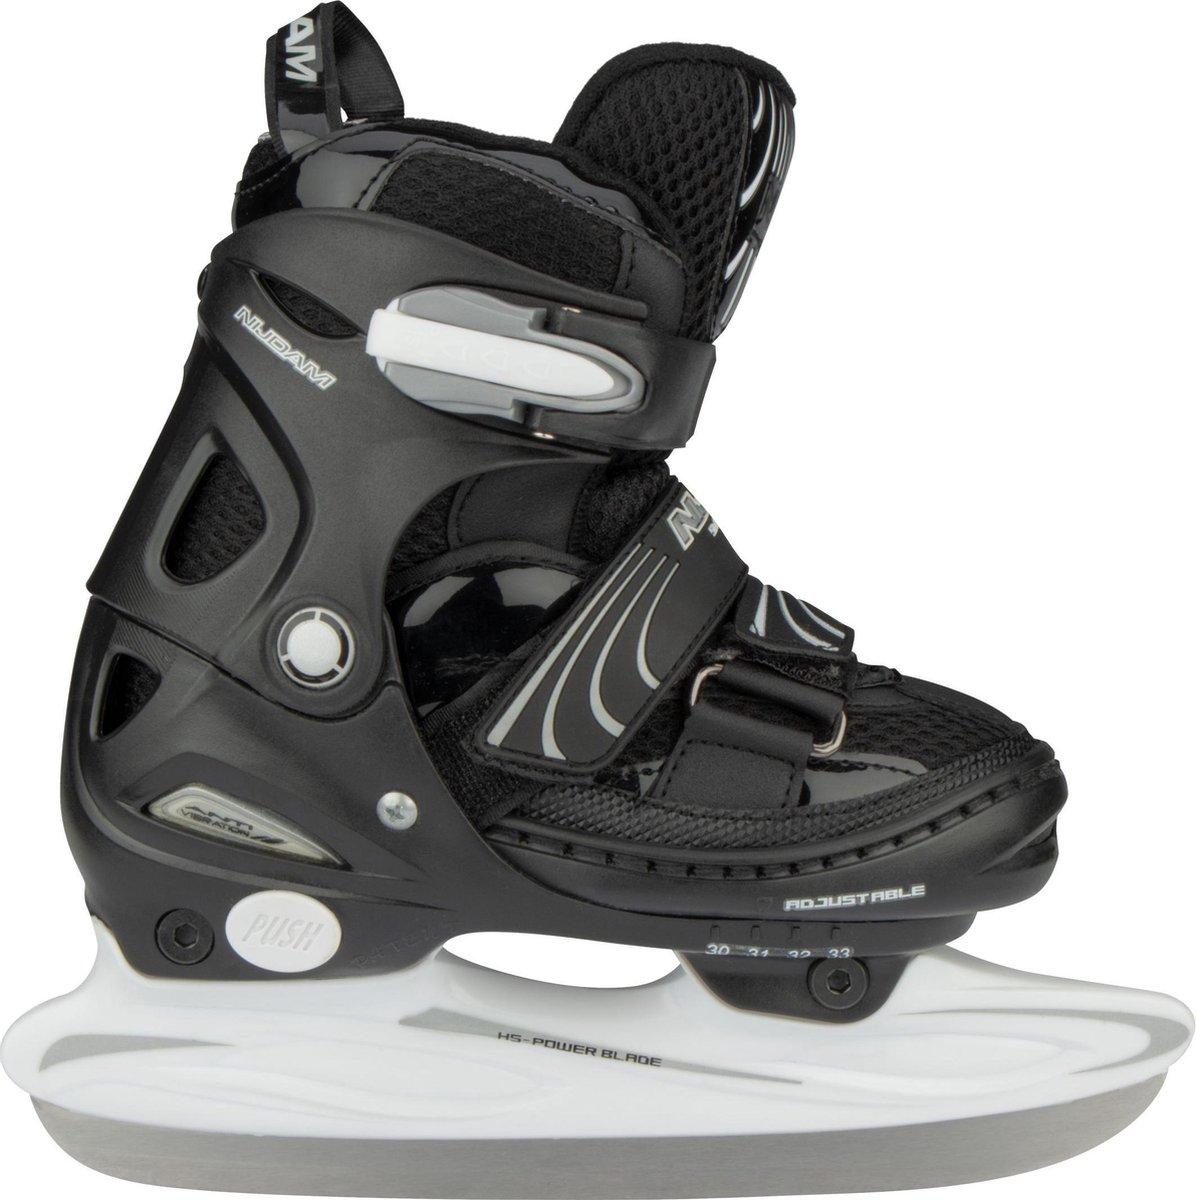 Nijdam Junior IJshockeyschaats - Verstelbaar - Semi-Softboot - Zwart/Wit - Maat 34-37